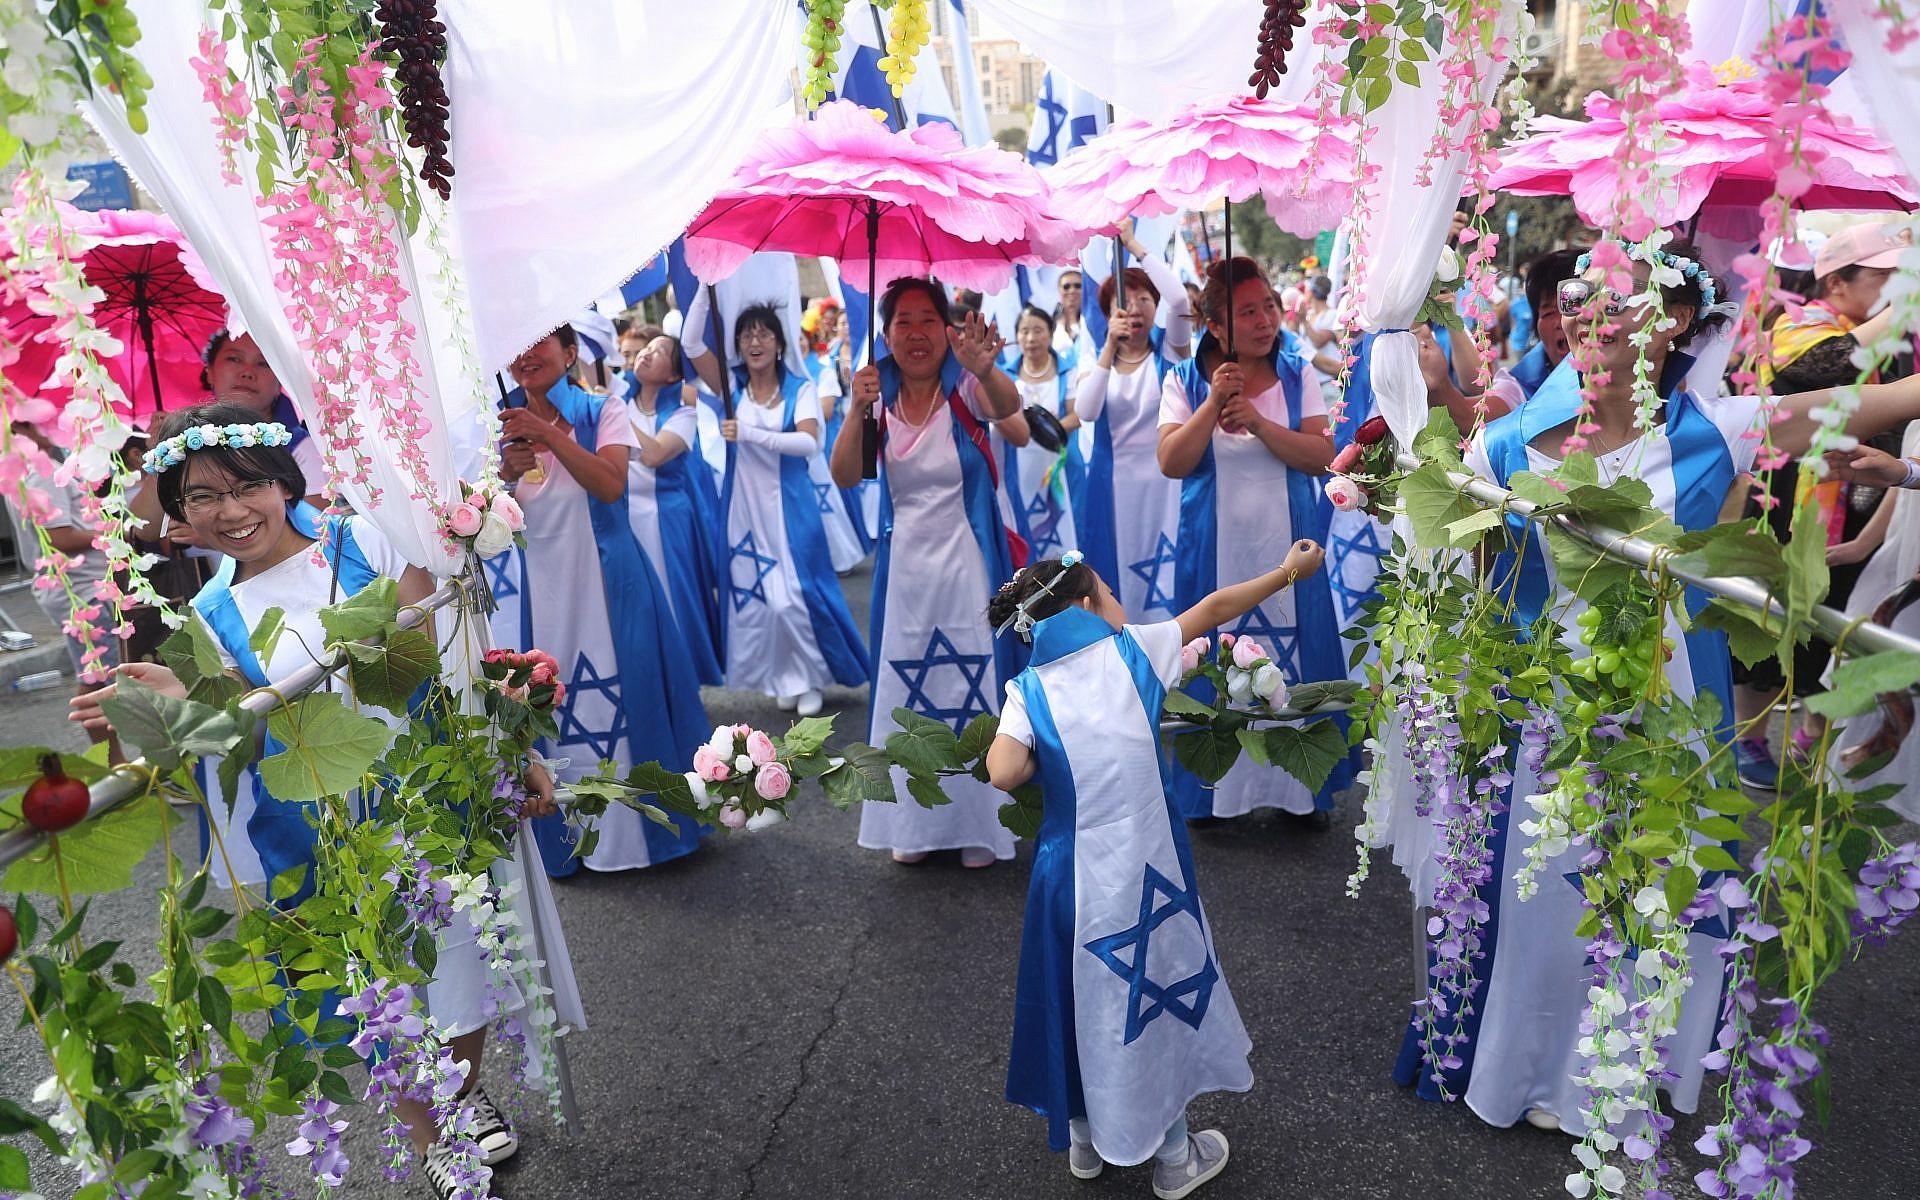 Tízezrek meneteltek a Jeruzsálemi Felvonuláson